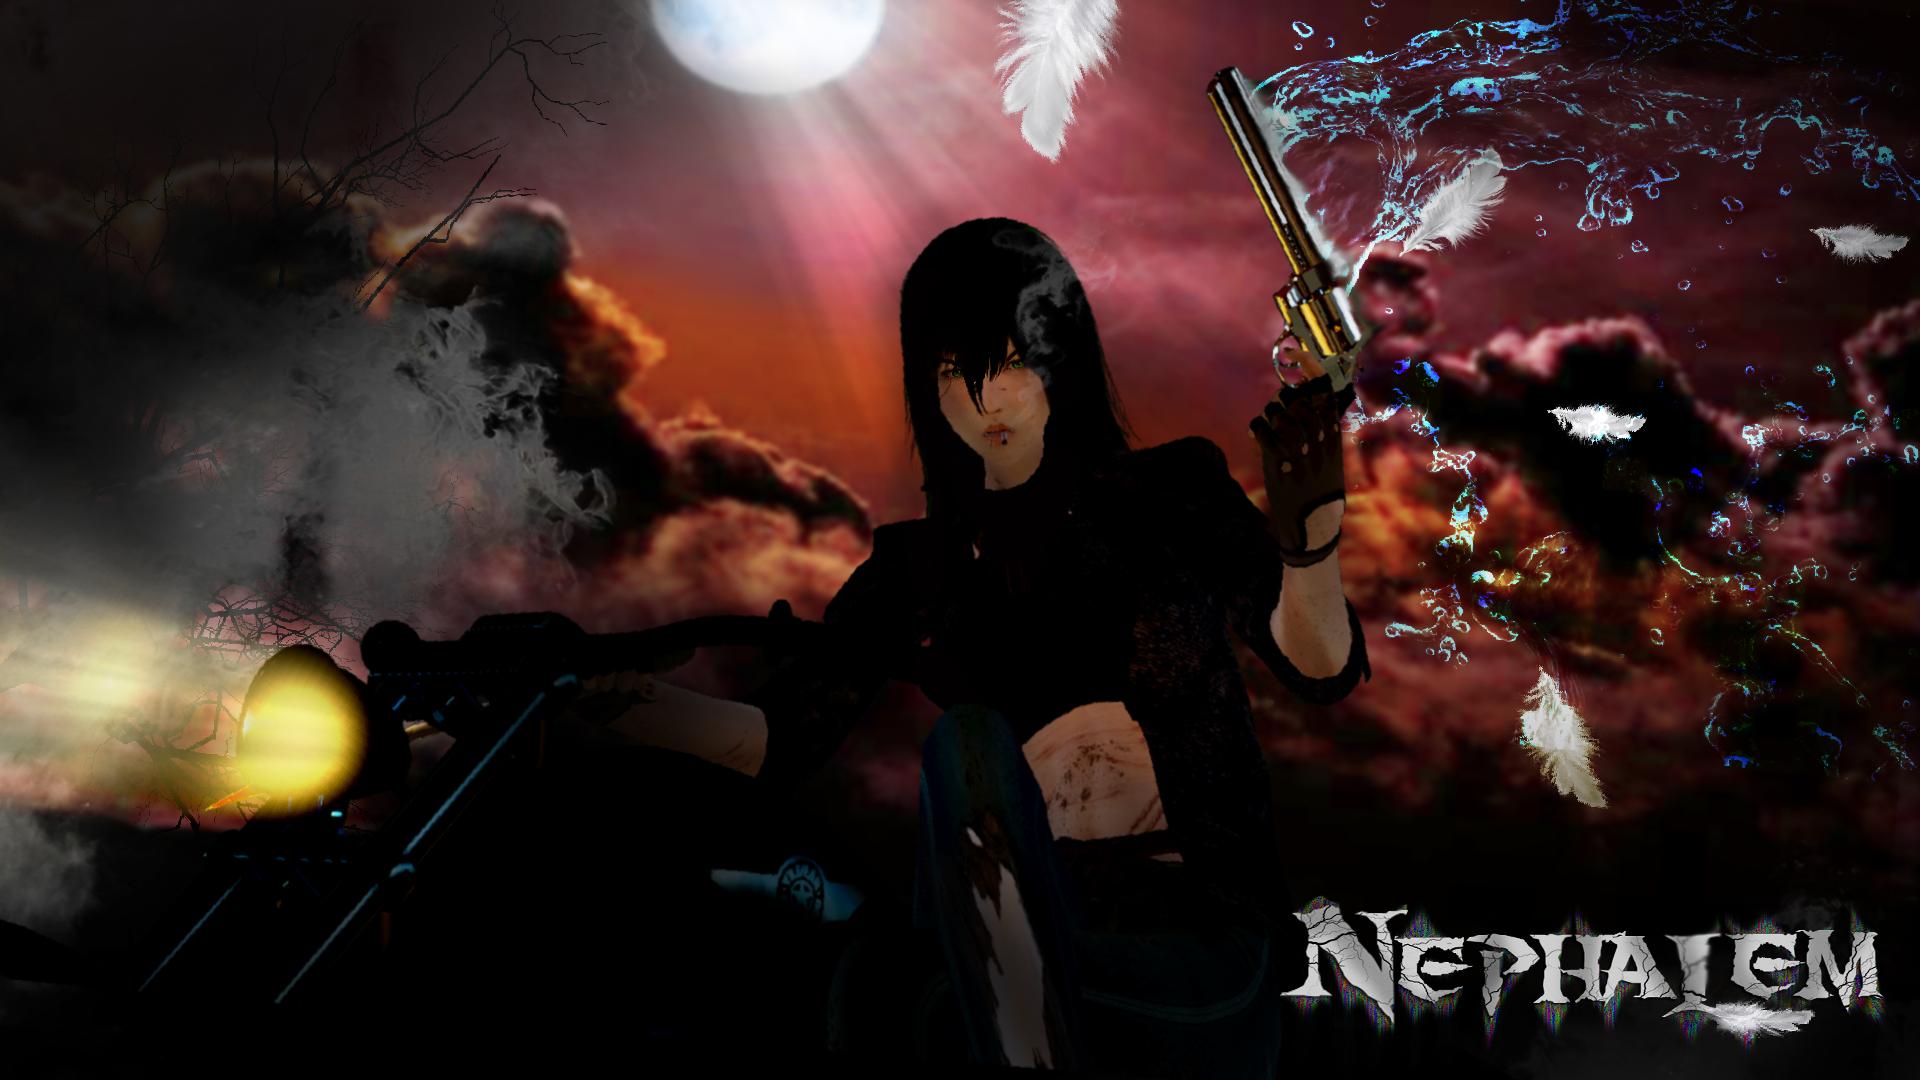 Nephalem 200129025441608054